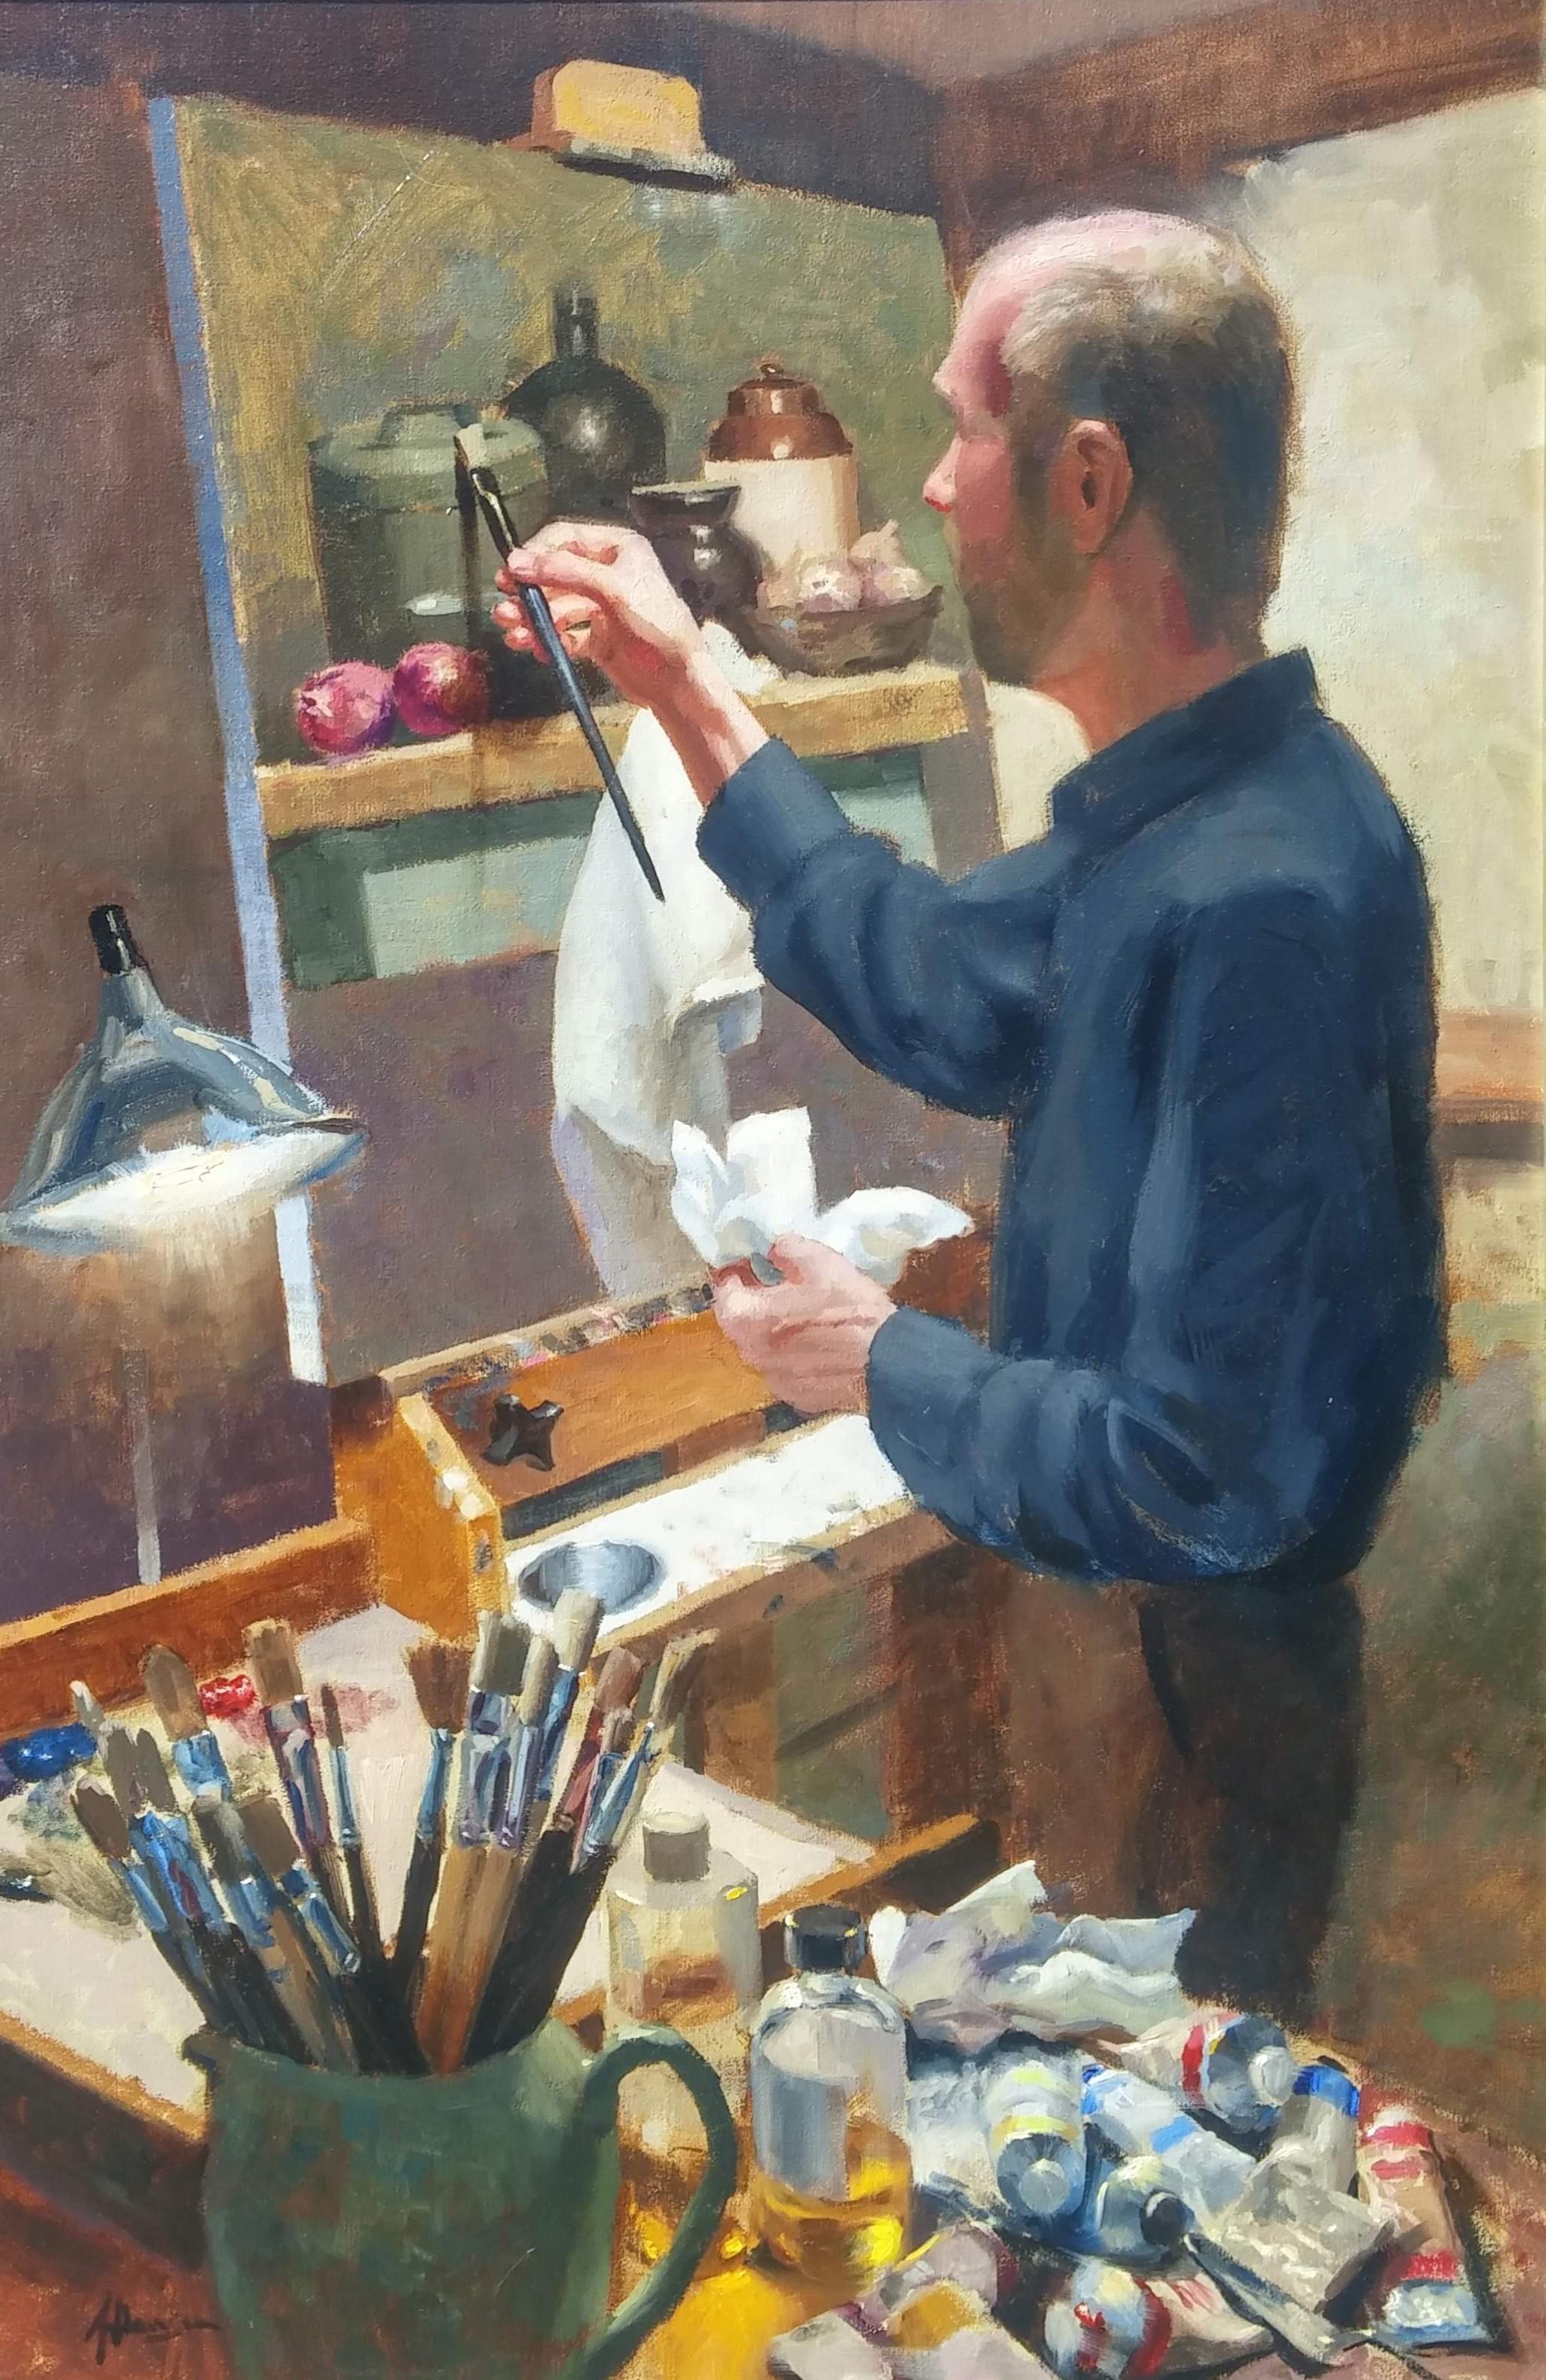 The Painter, Aaron Stills, Painting.jpg